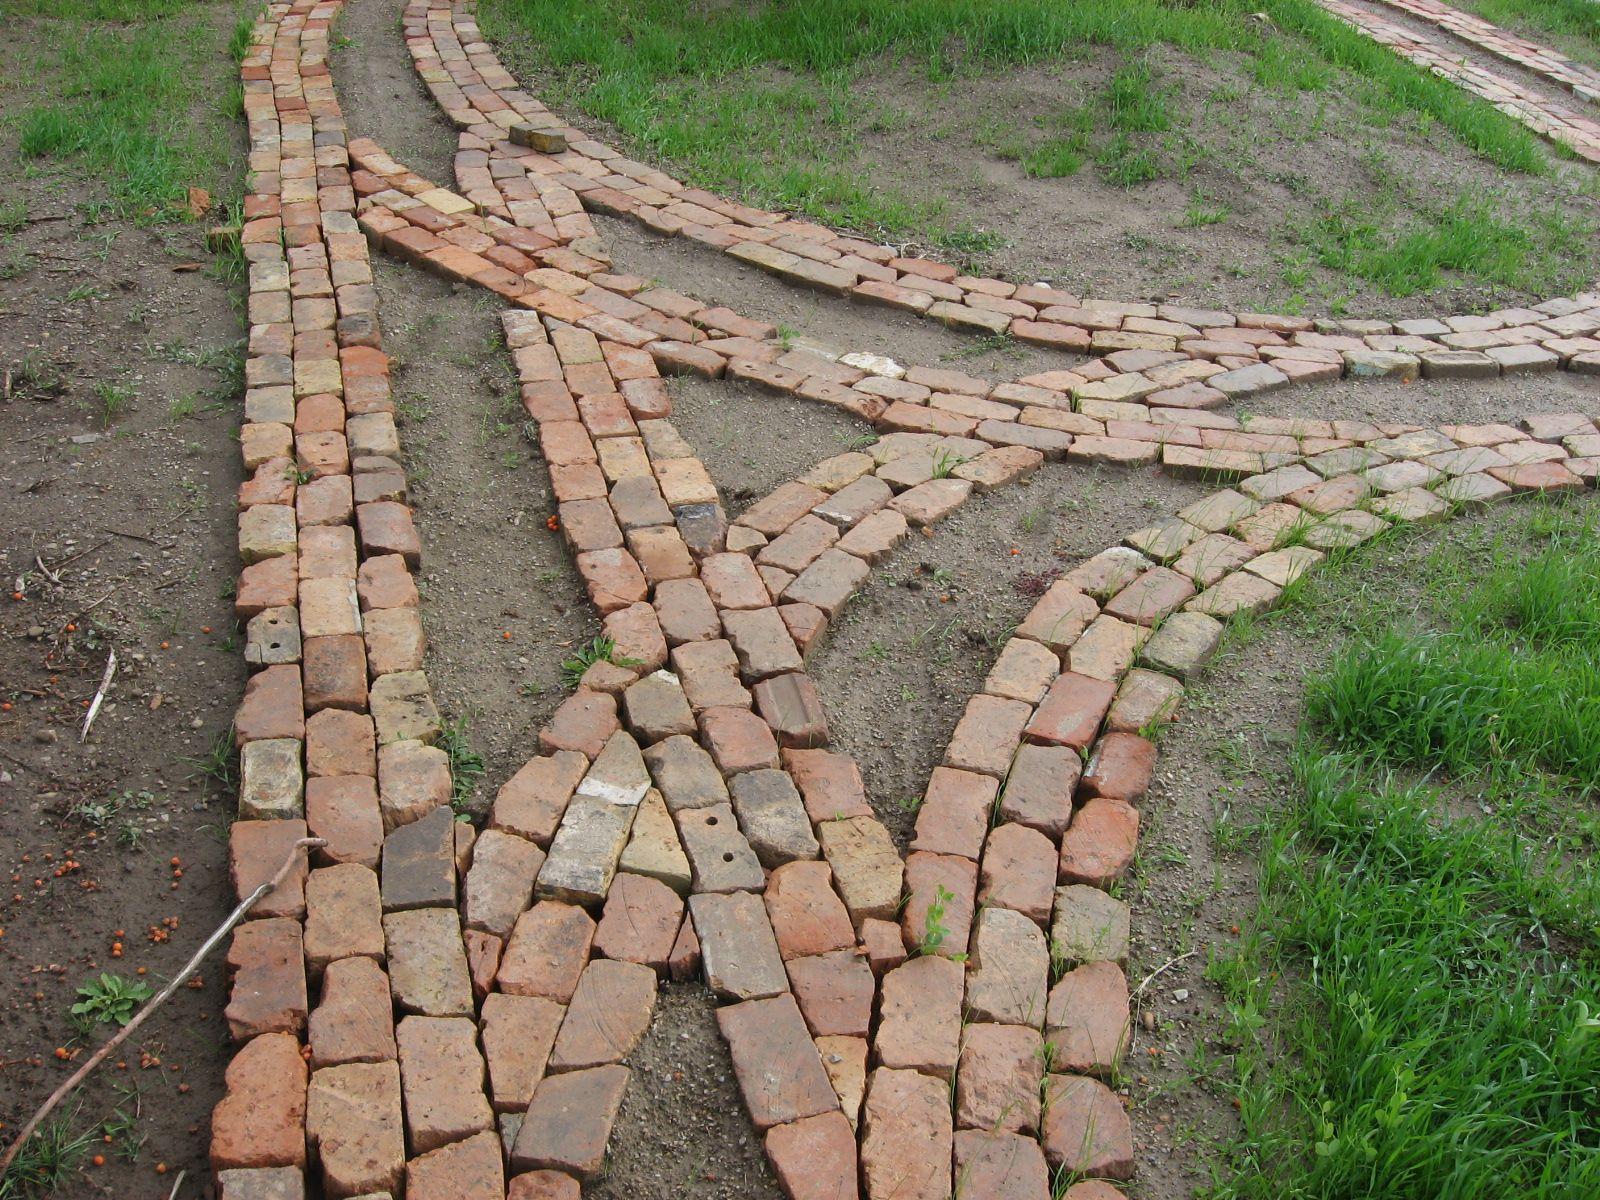 Reclaimed Brick Garden Path Under Constructions Brick Garden Brick Garden Edging Reclaimed Brick Garden